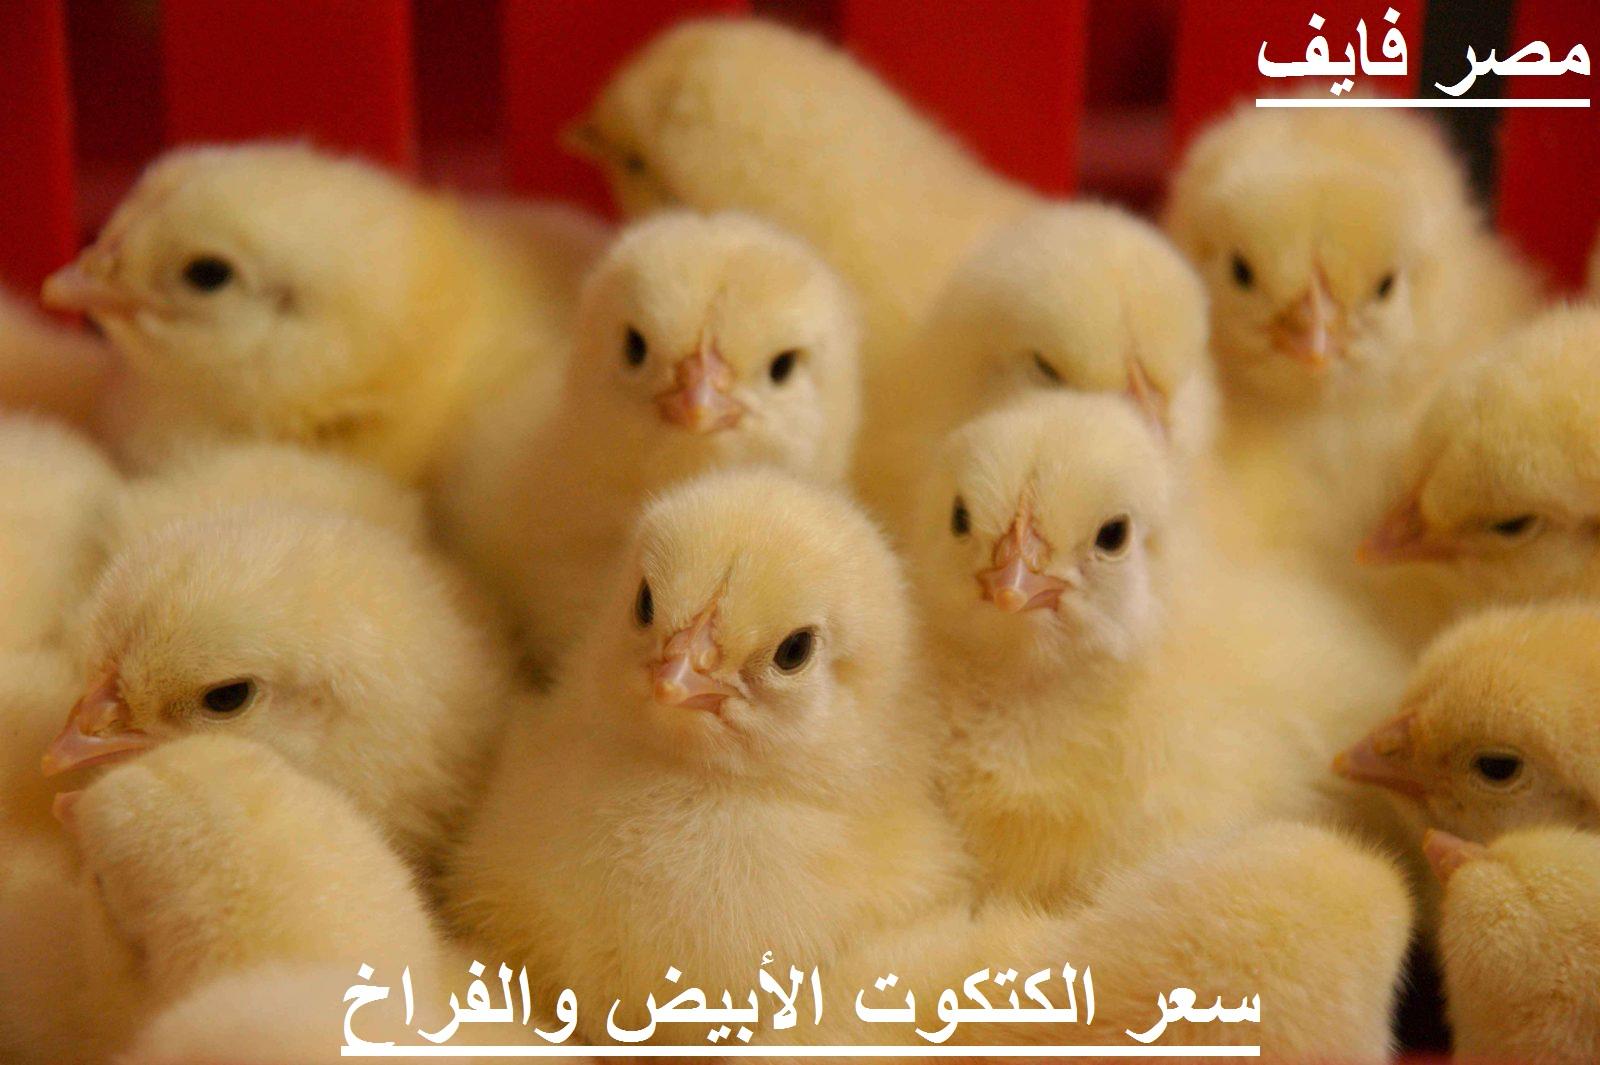 بورصة الدواجن.. 4.5 جنيه سعر الكتكوت الابيض اليوم الأربعاء 14 أبريل وثاني يوم رمضان واستقرار سعر الفراخ البيضاء